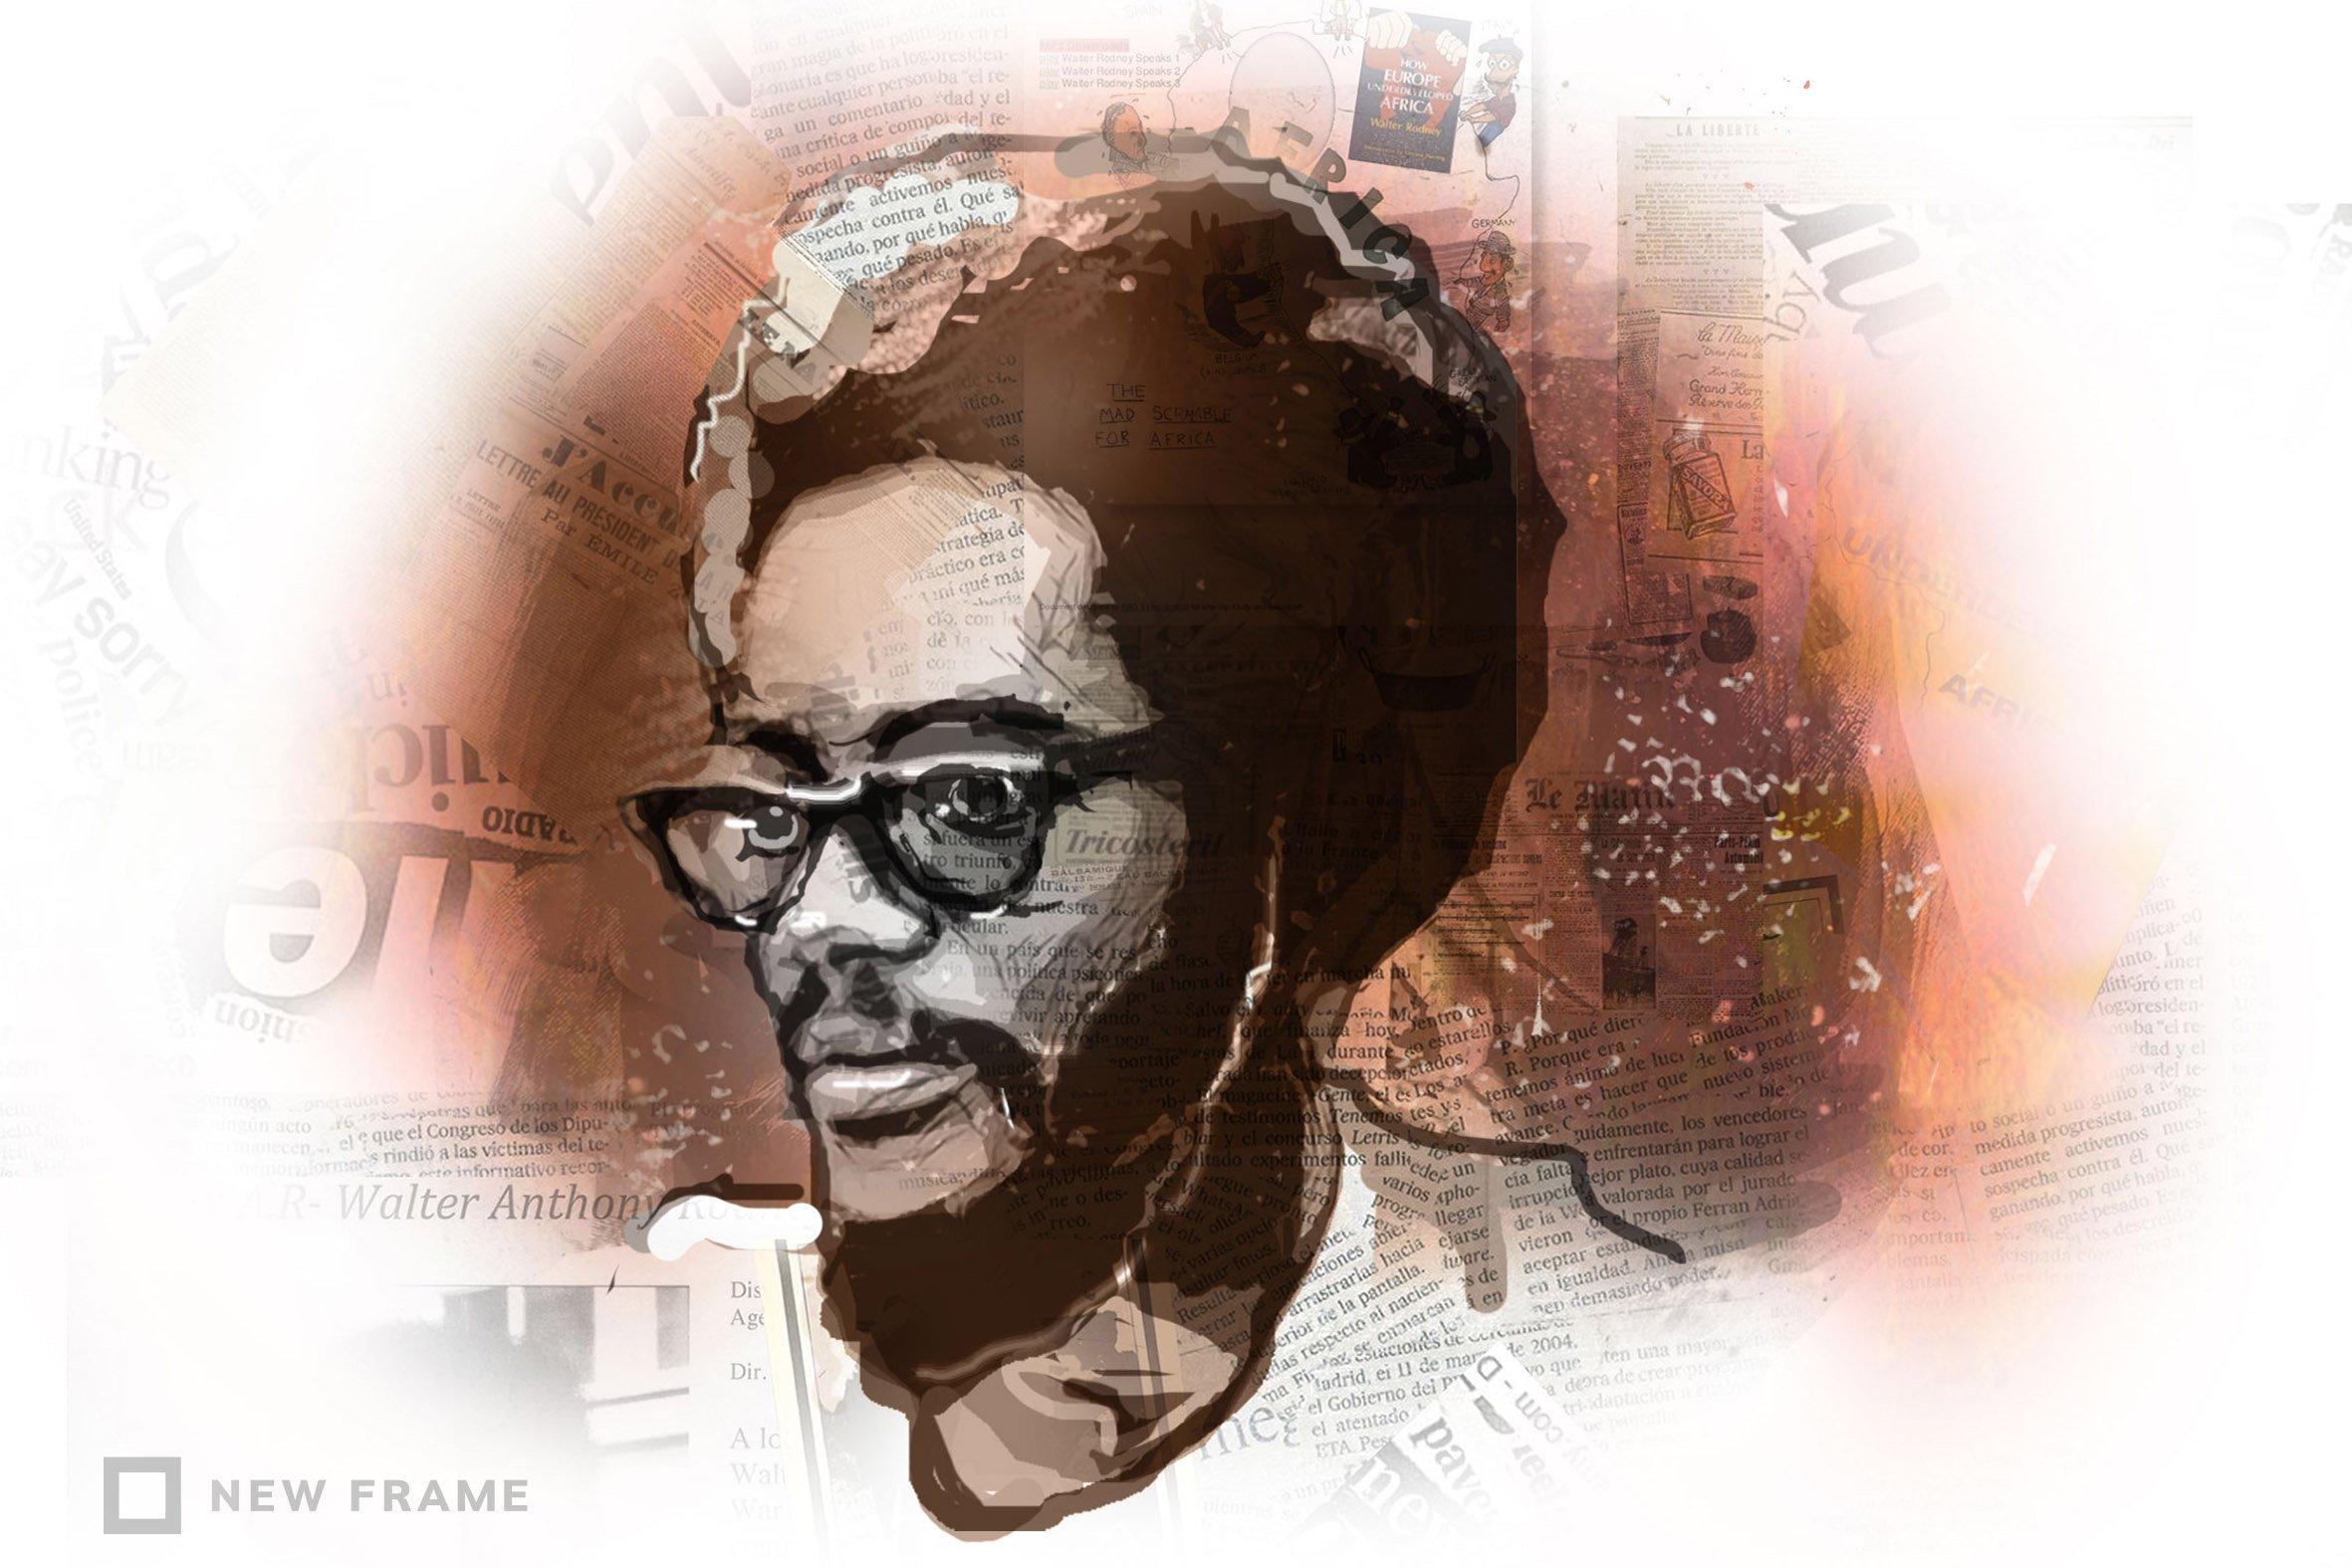 Dr Walter Rodney, figure de proue du panafricanisme dans les Caraïbes et en Afrique